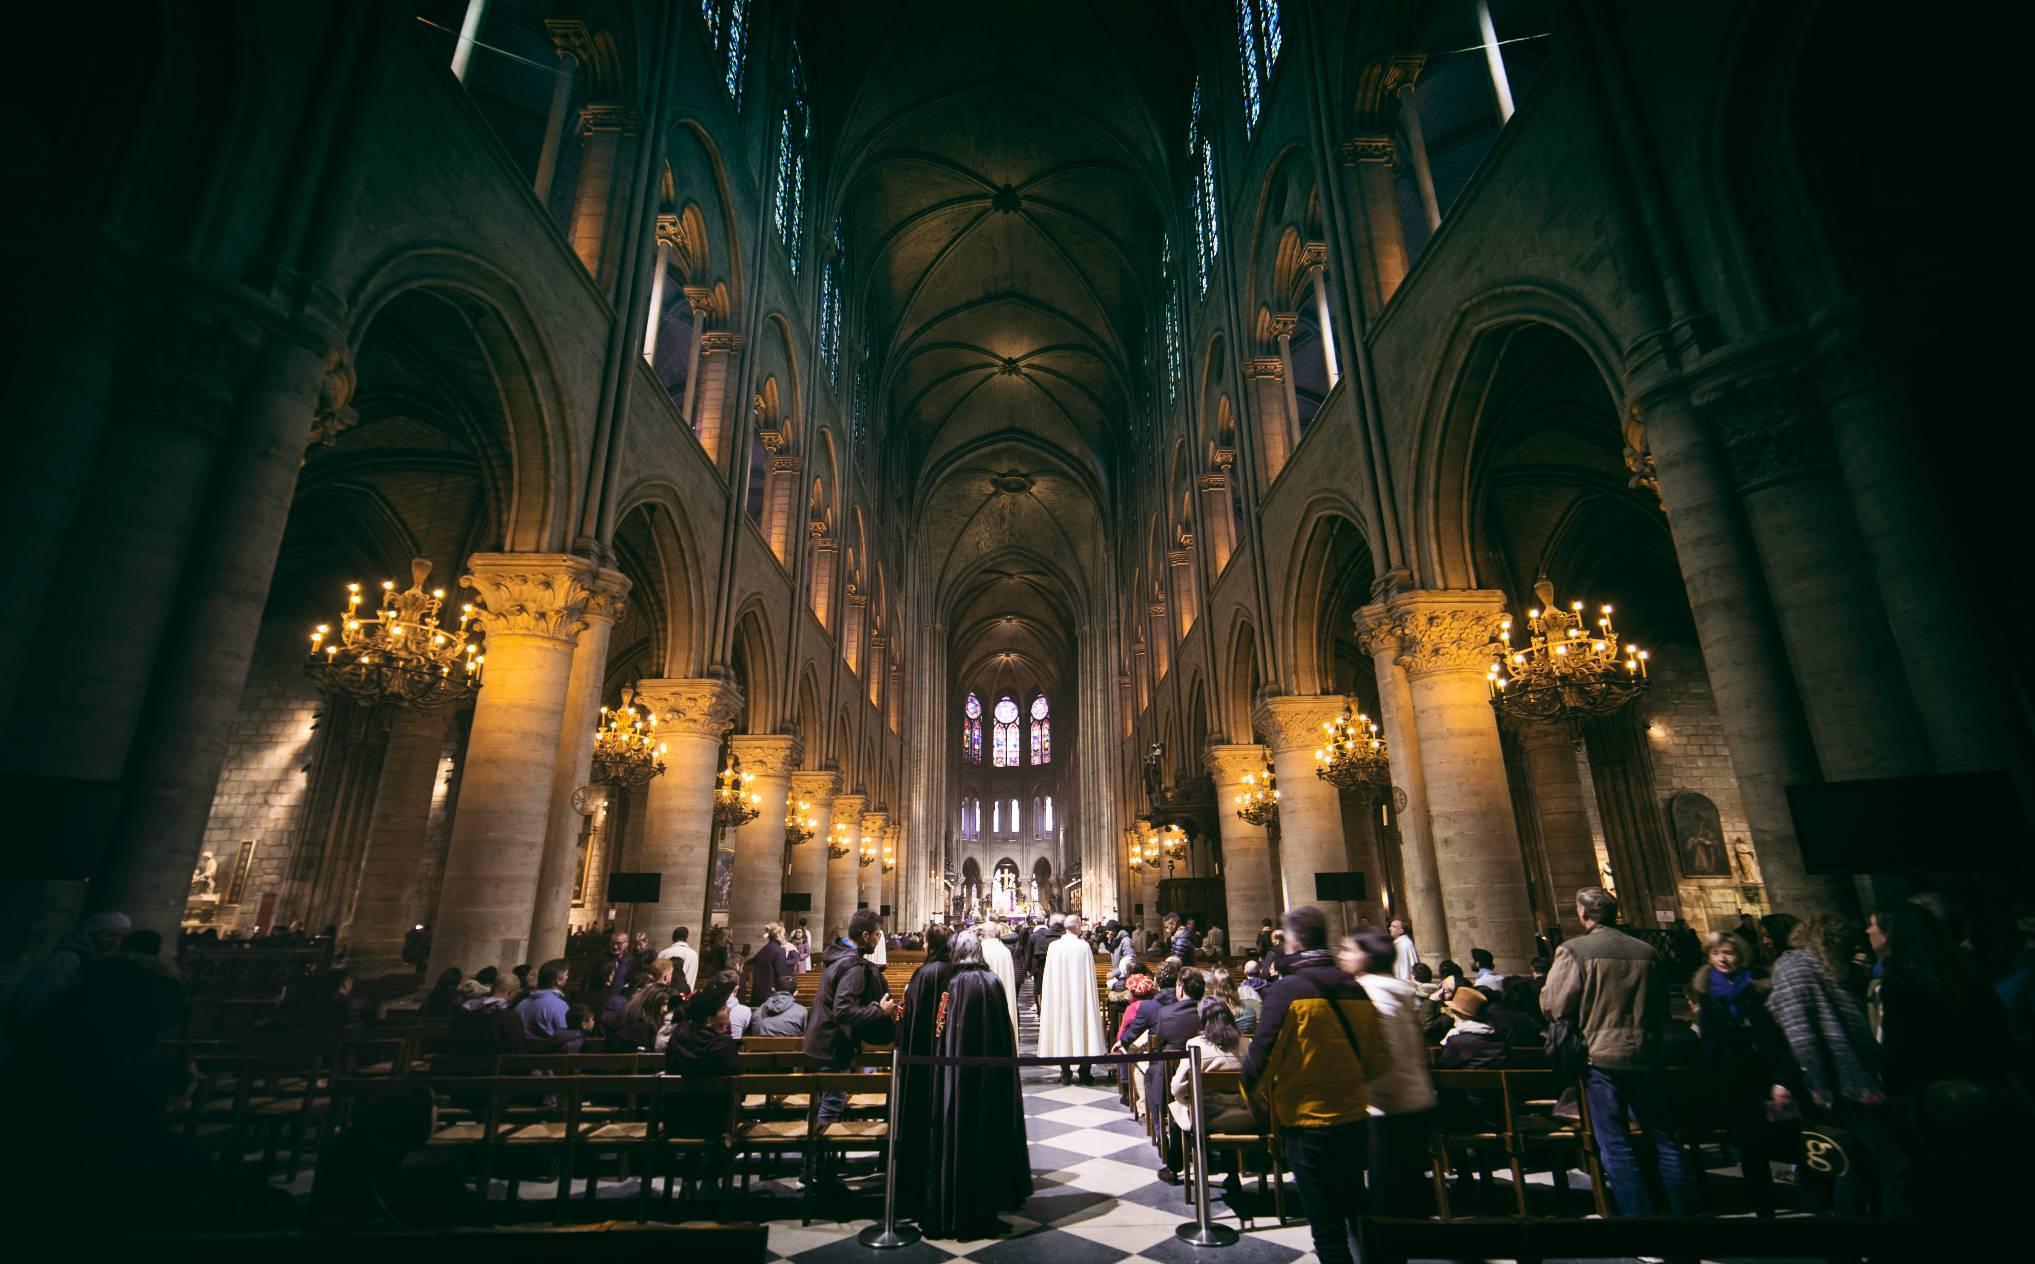 Cathedrale Notre-Dame de Paris © Steven Gitter